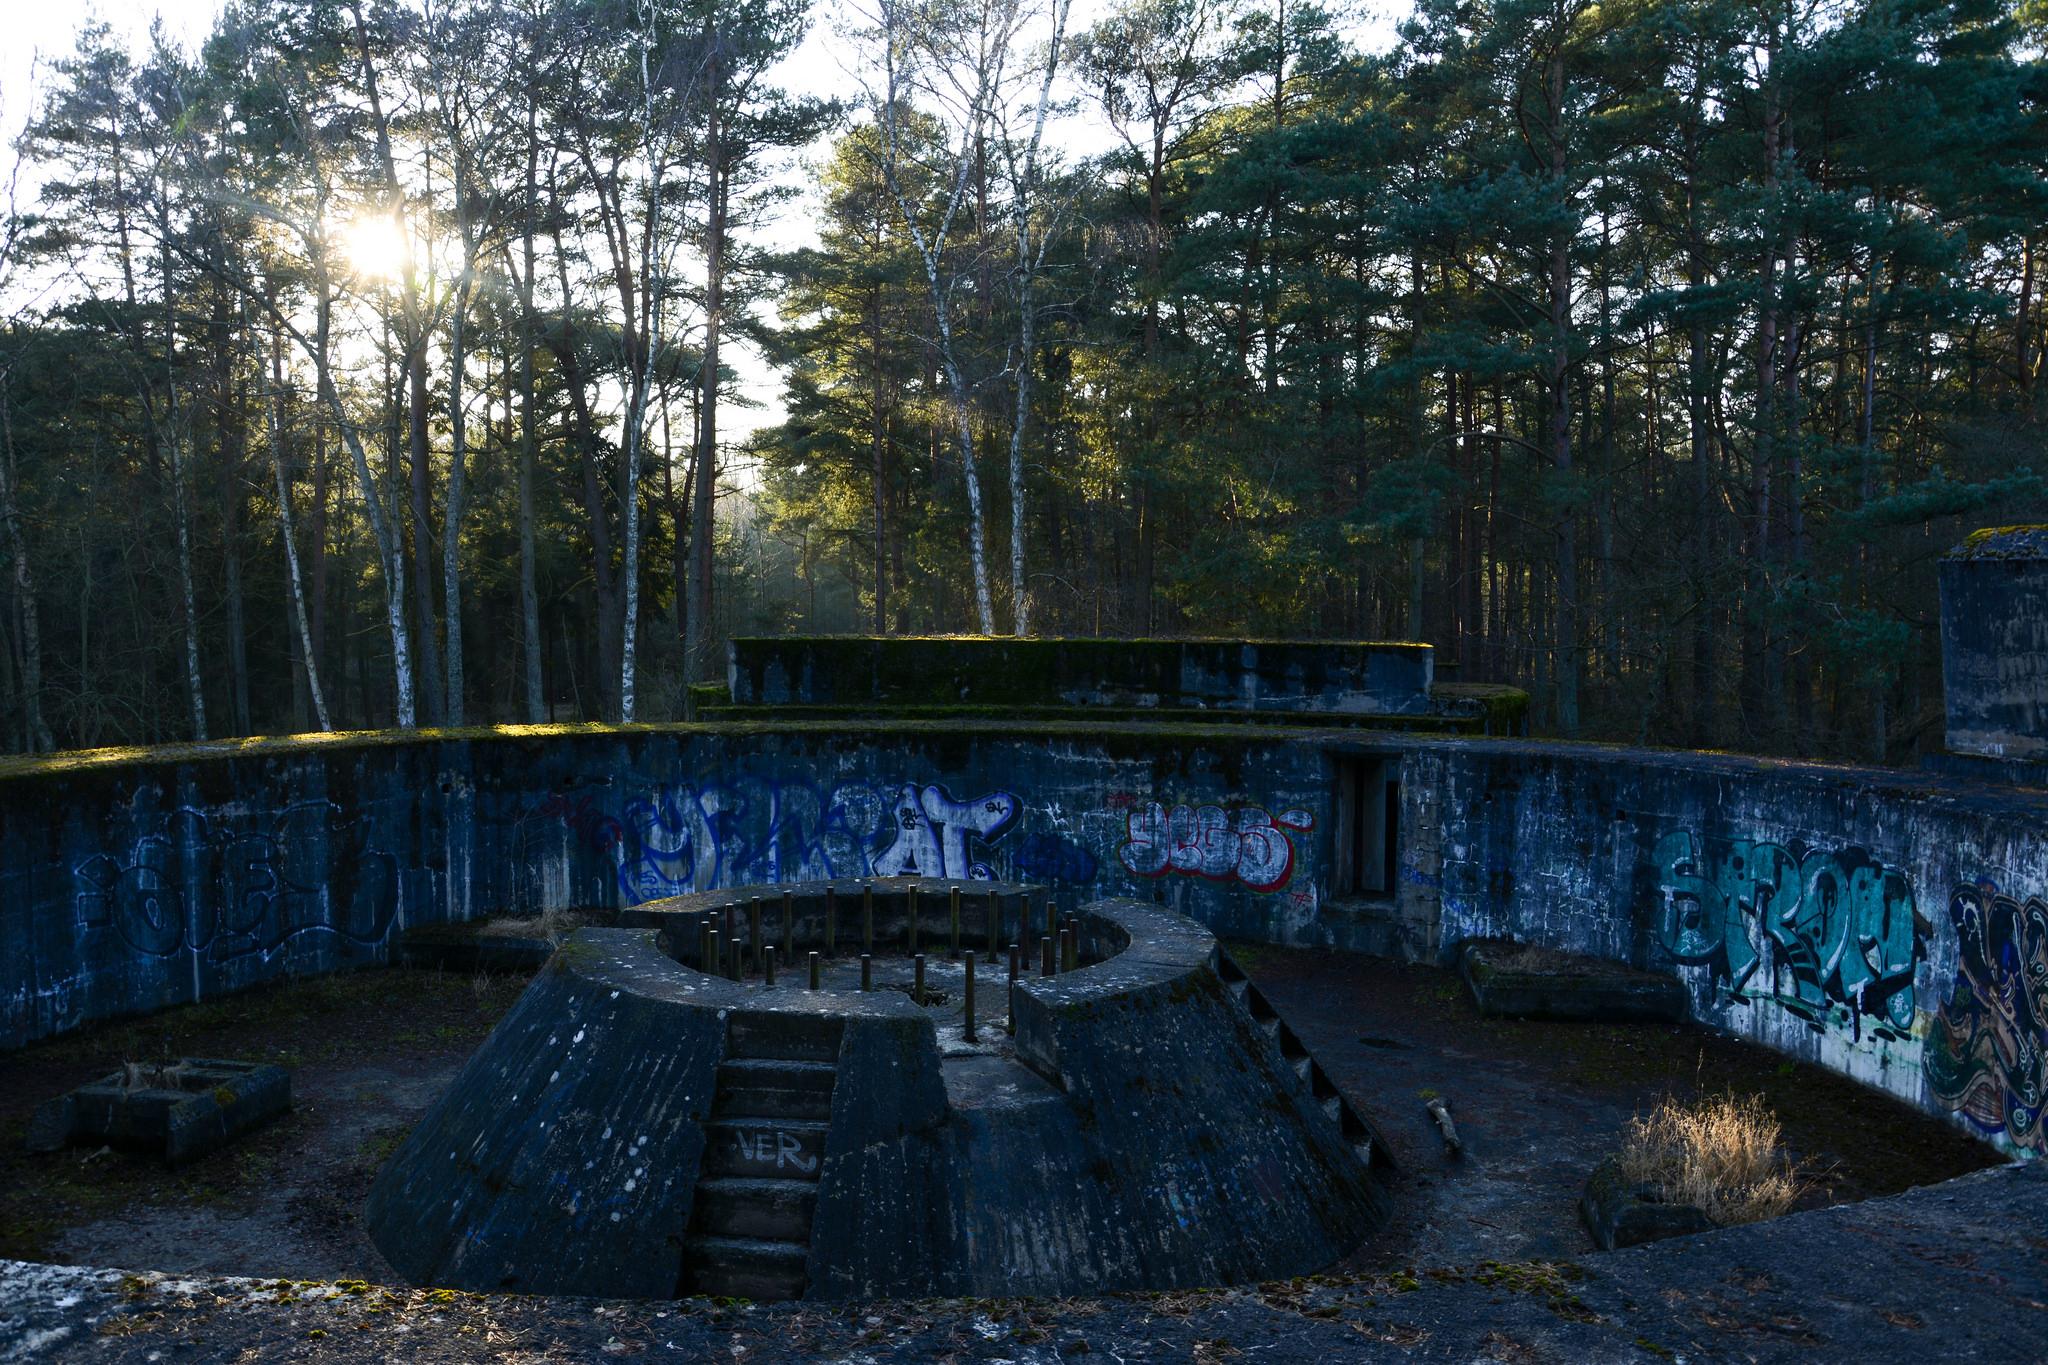 WW2 Bunkers at Dueodde, Denmark